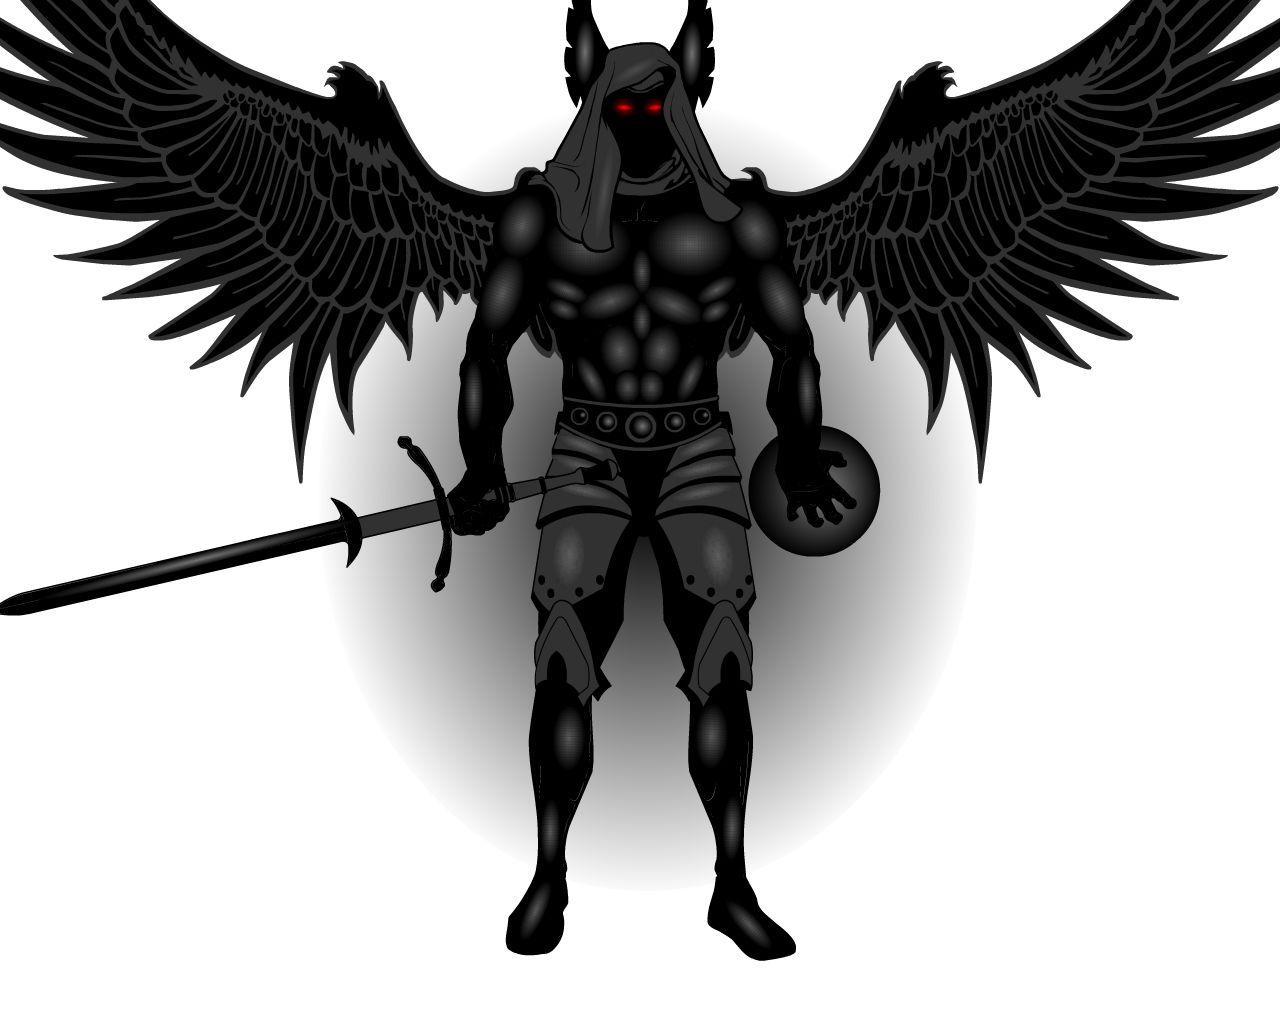 Fallen-Angel-1.jpg